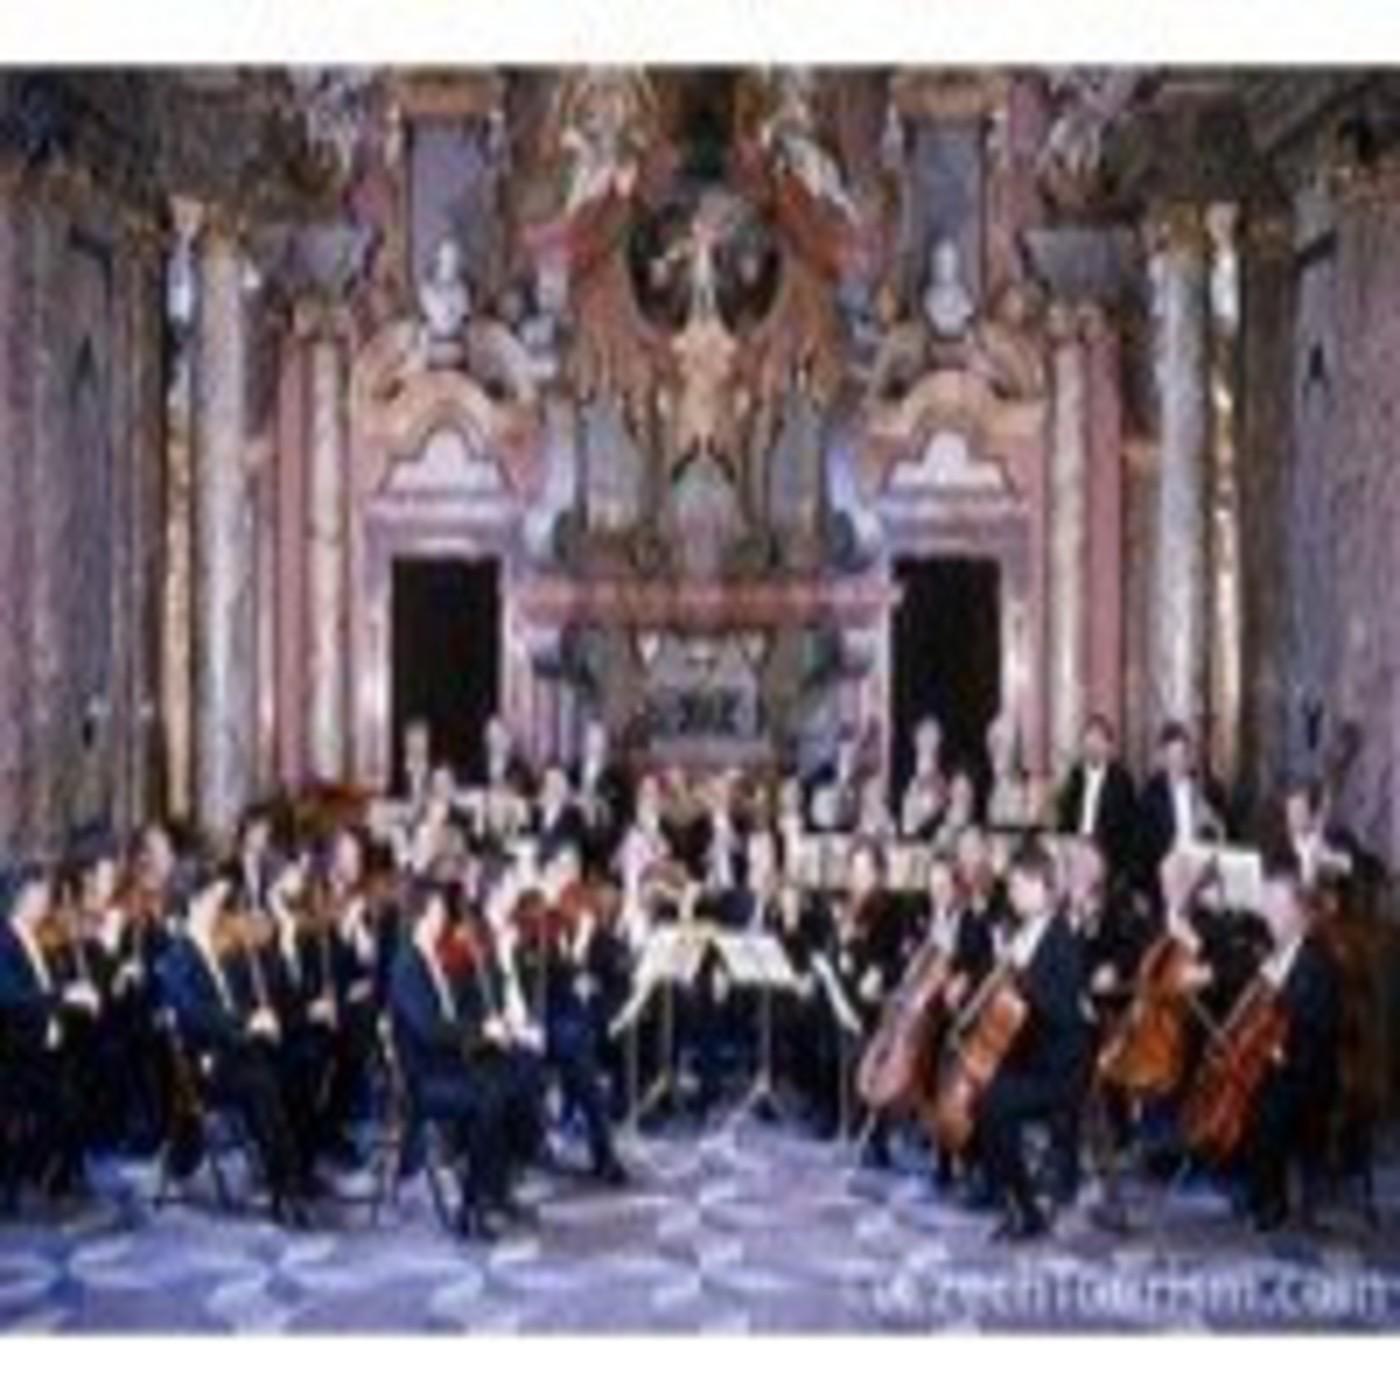 Antonín Dvorák (Bohemia, 1841-1904) Serenata para cuerdas, en Mi mayor, op. 22 (1875)5. Finale - Allegro vivace